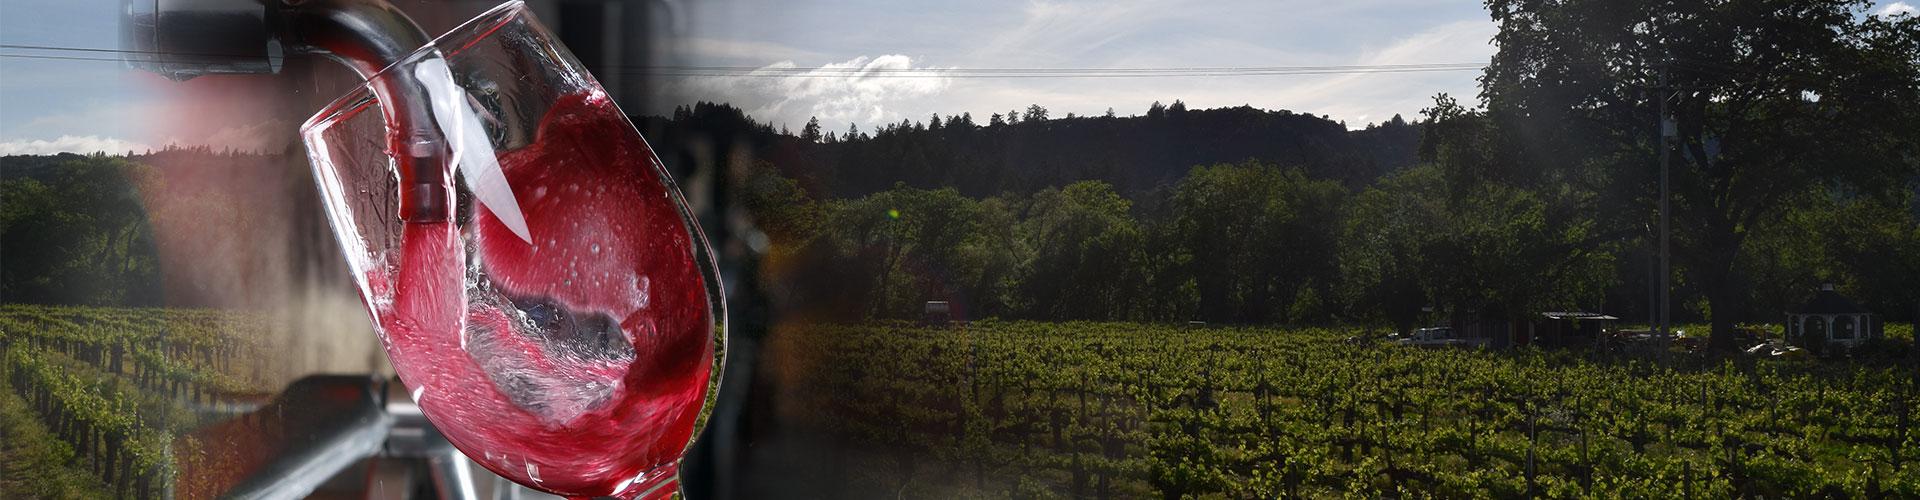 farm to glass keg wine